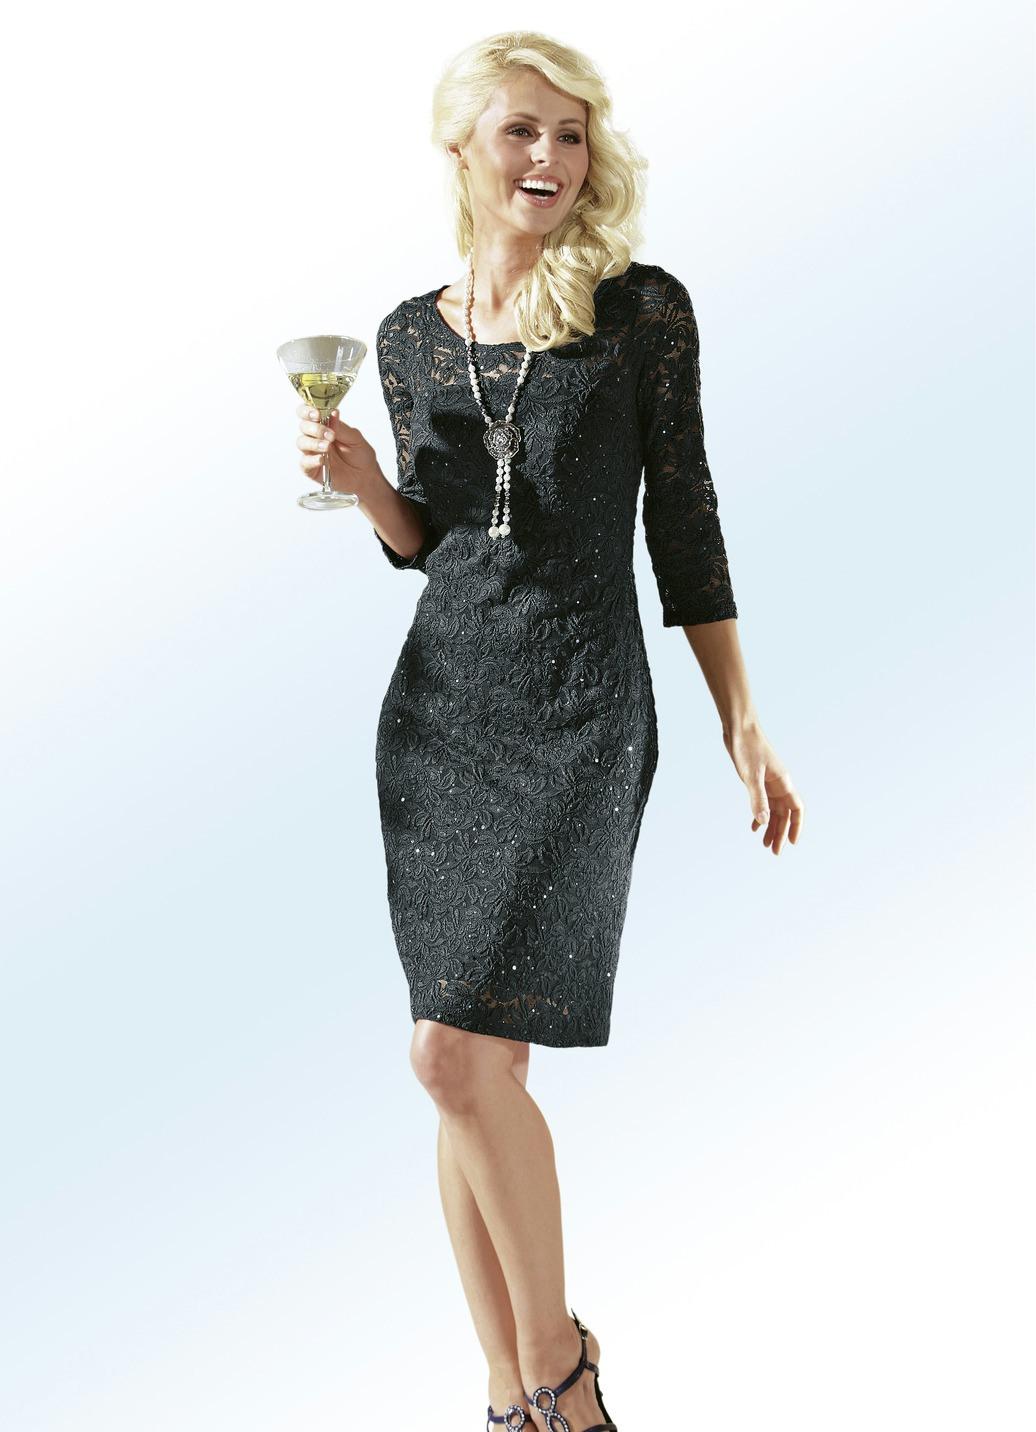 10 Fantastisch Kleid Kniebedeckt ÄrmelAbend Schön Kleid Kniebedeckt Galerie